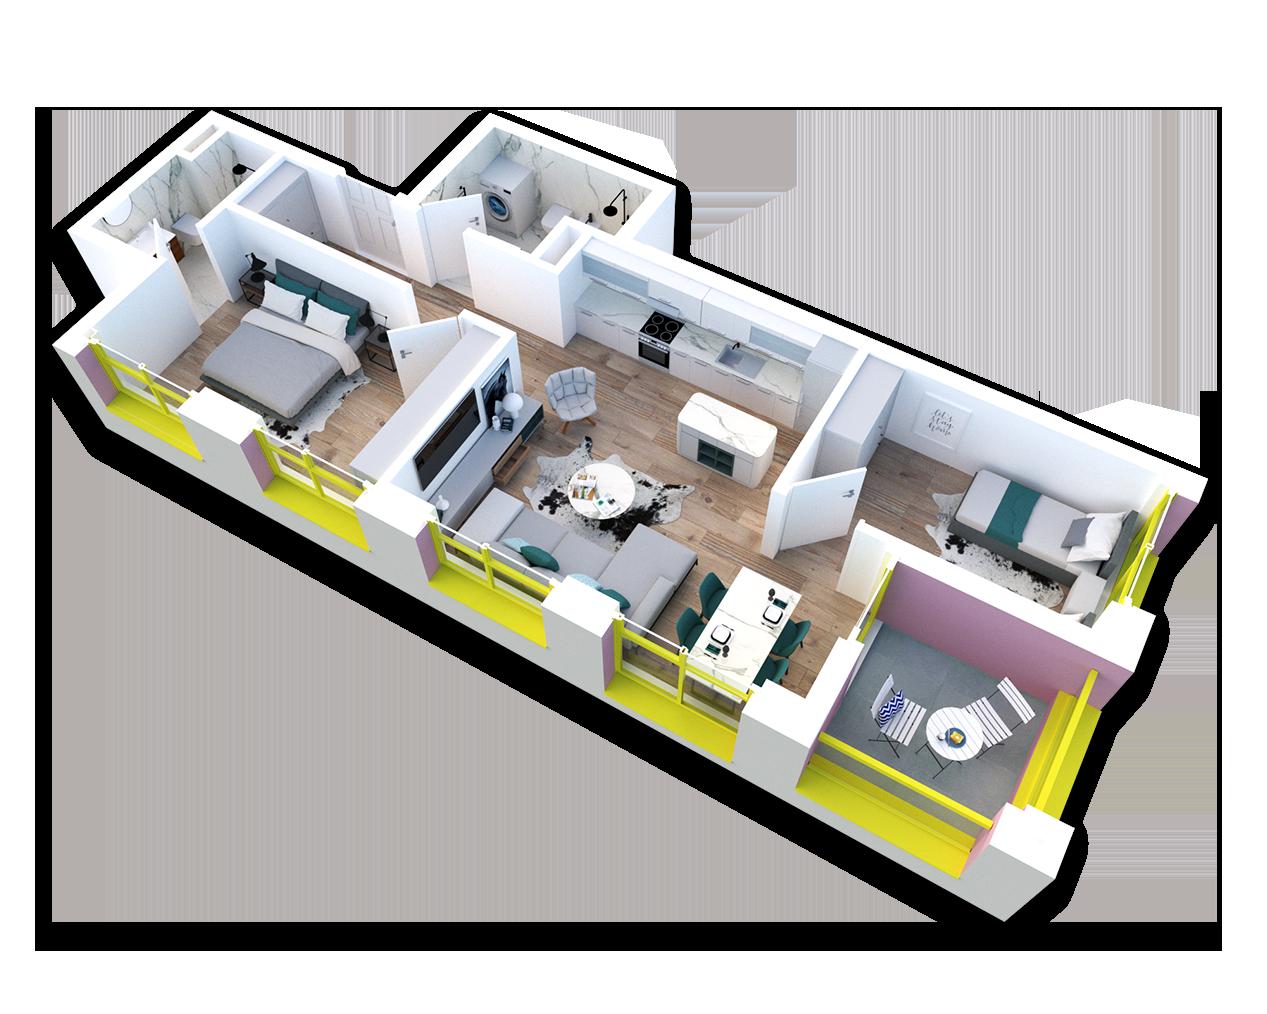 Apartament 2+1 në shitje në Tiranë - Mangalem 21 Shkalla 20 Kati 2